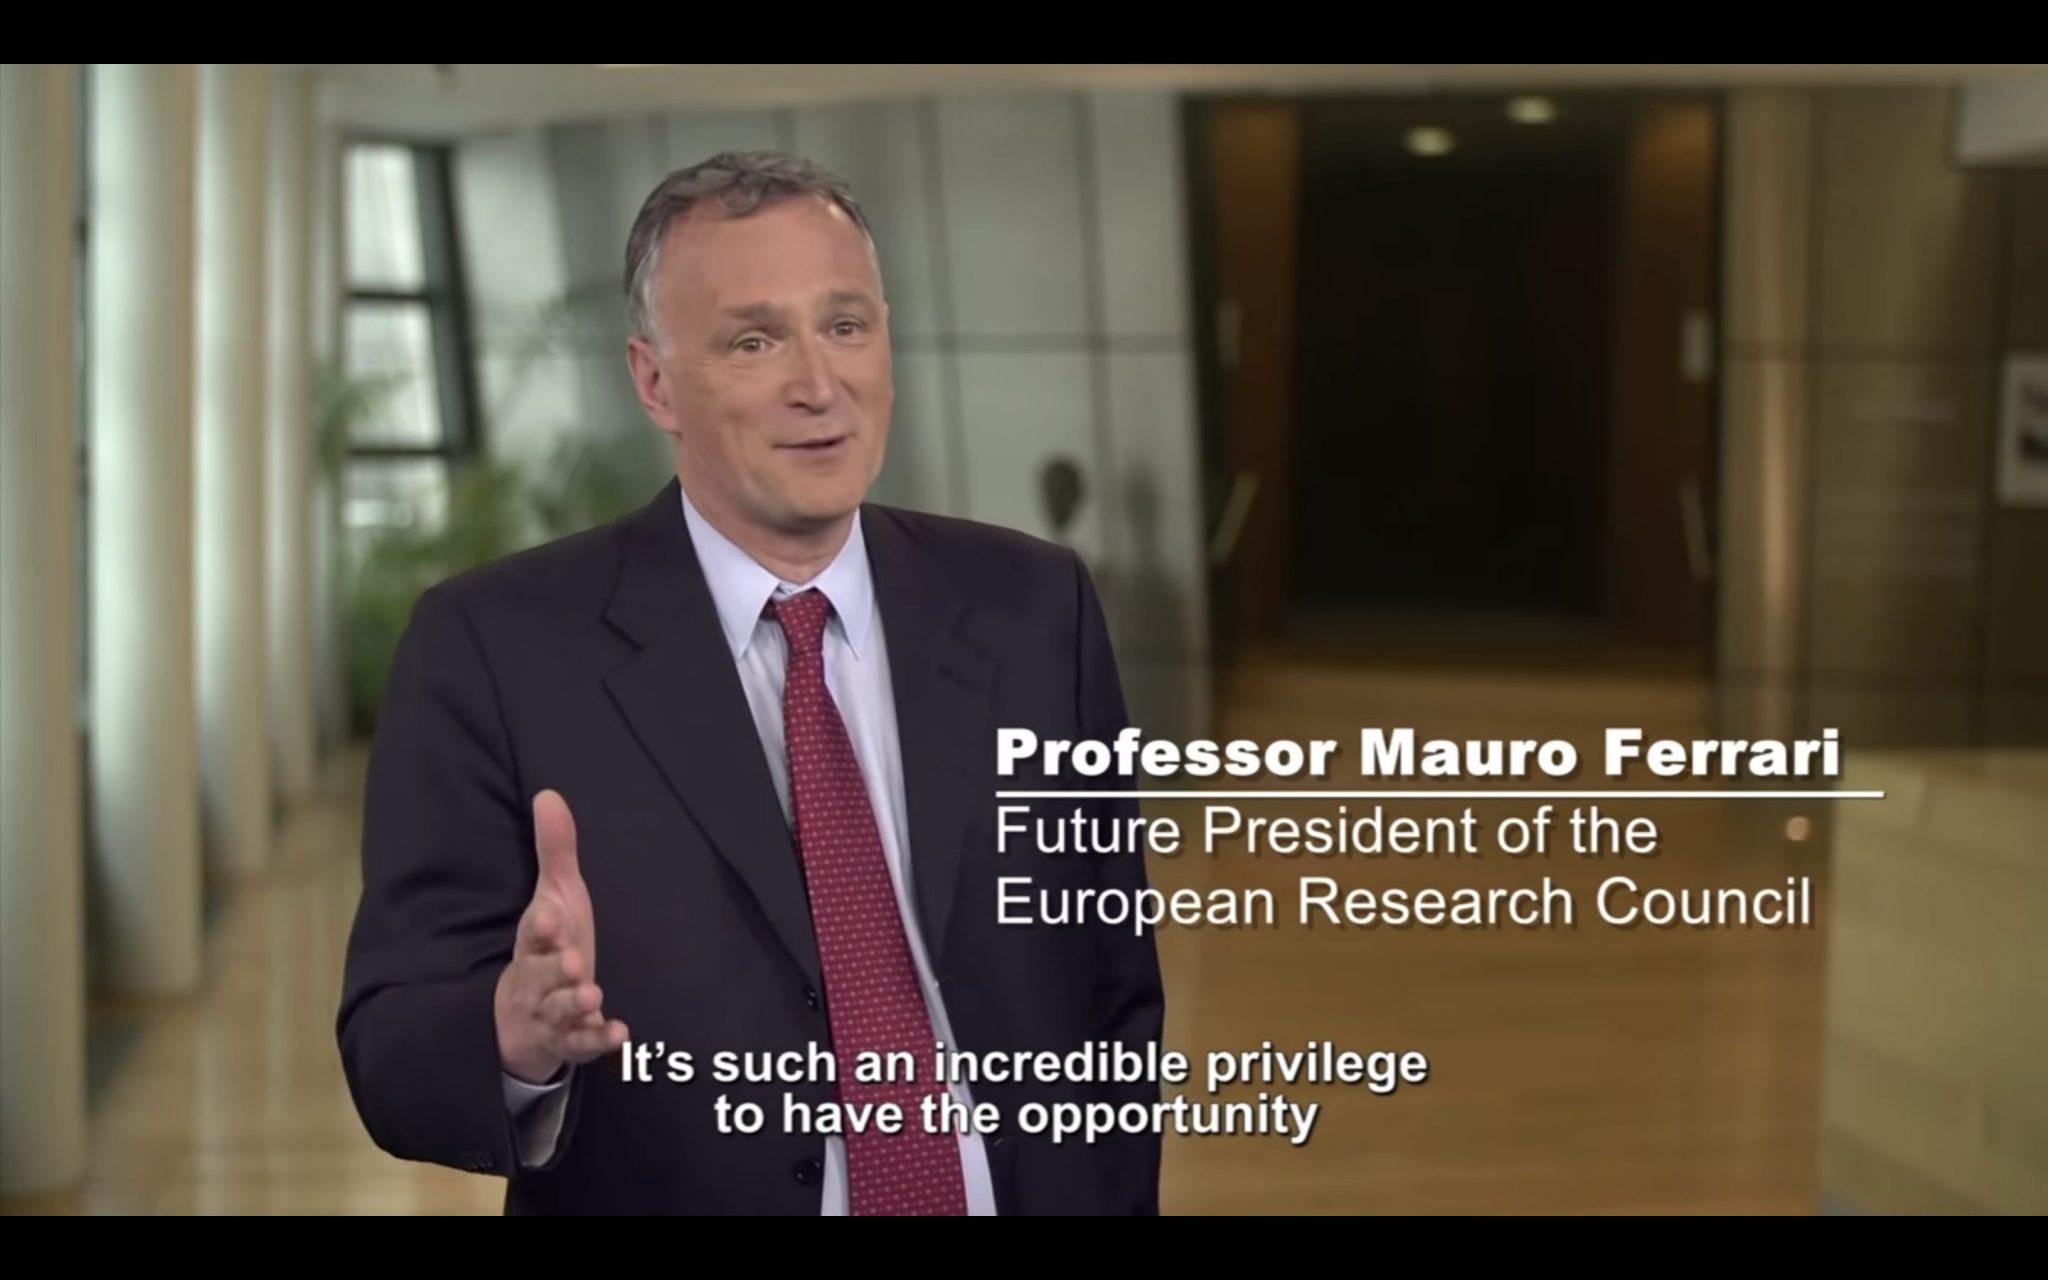 Mauro Ferrari, pionero en el campo de la nanomedicina, nombrado presidente del Consejo Europeo de Investigación